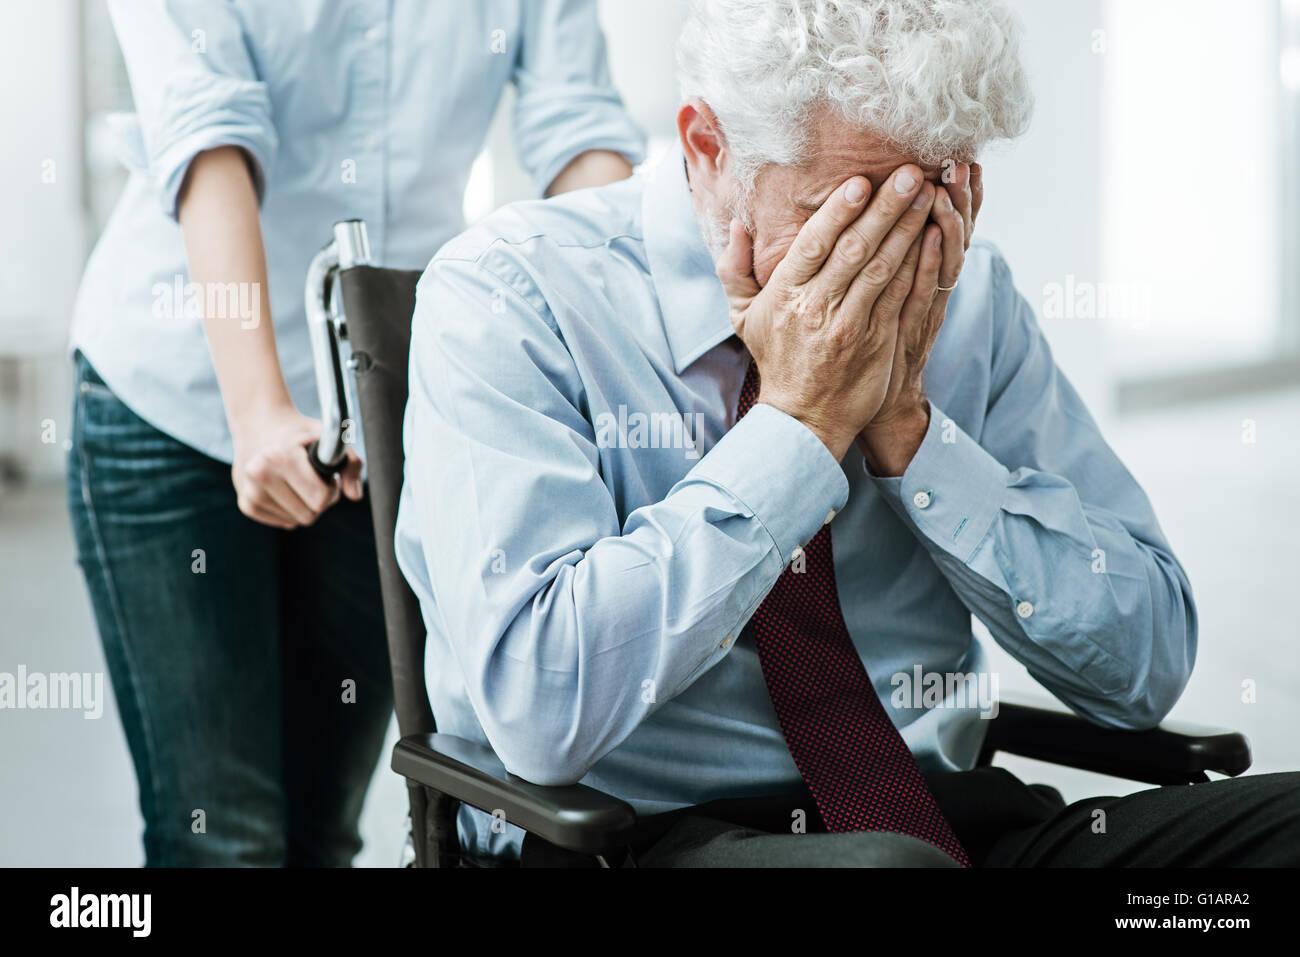 Triste deprimido hombre en silla de ruedas con la cabeza entre las manos, una mujer está tomando cuidado de Imagen De Stock